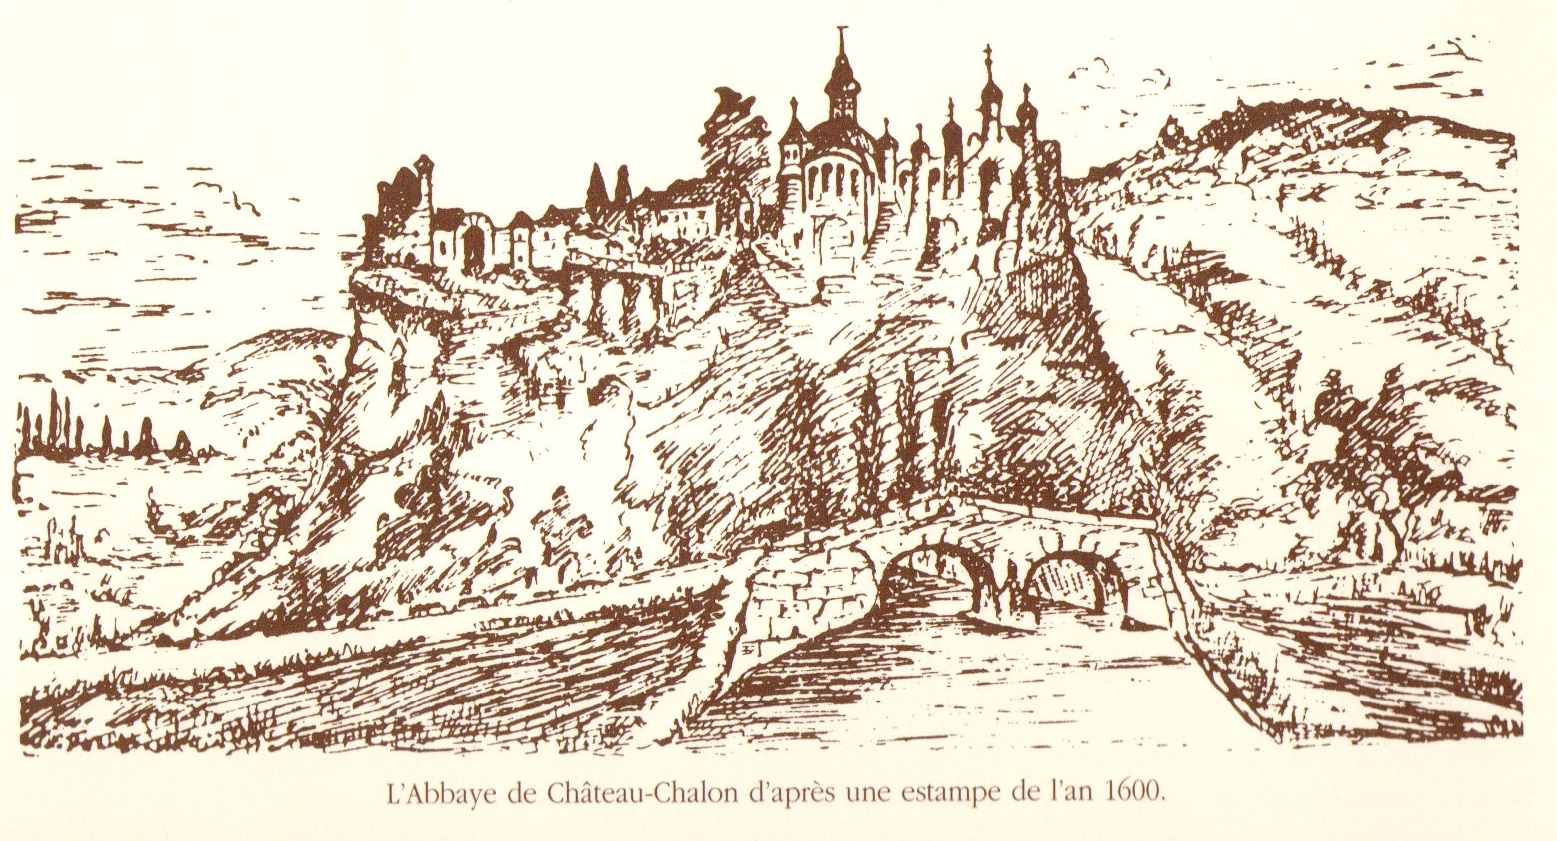 chateau chalon abbaye